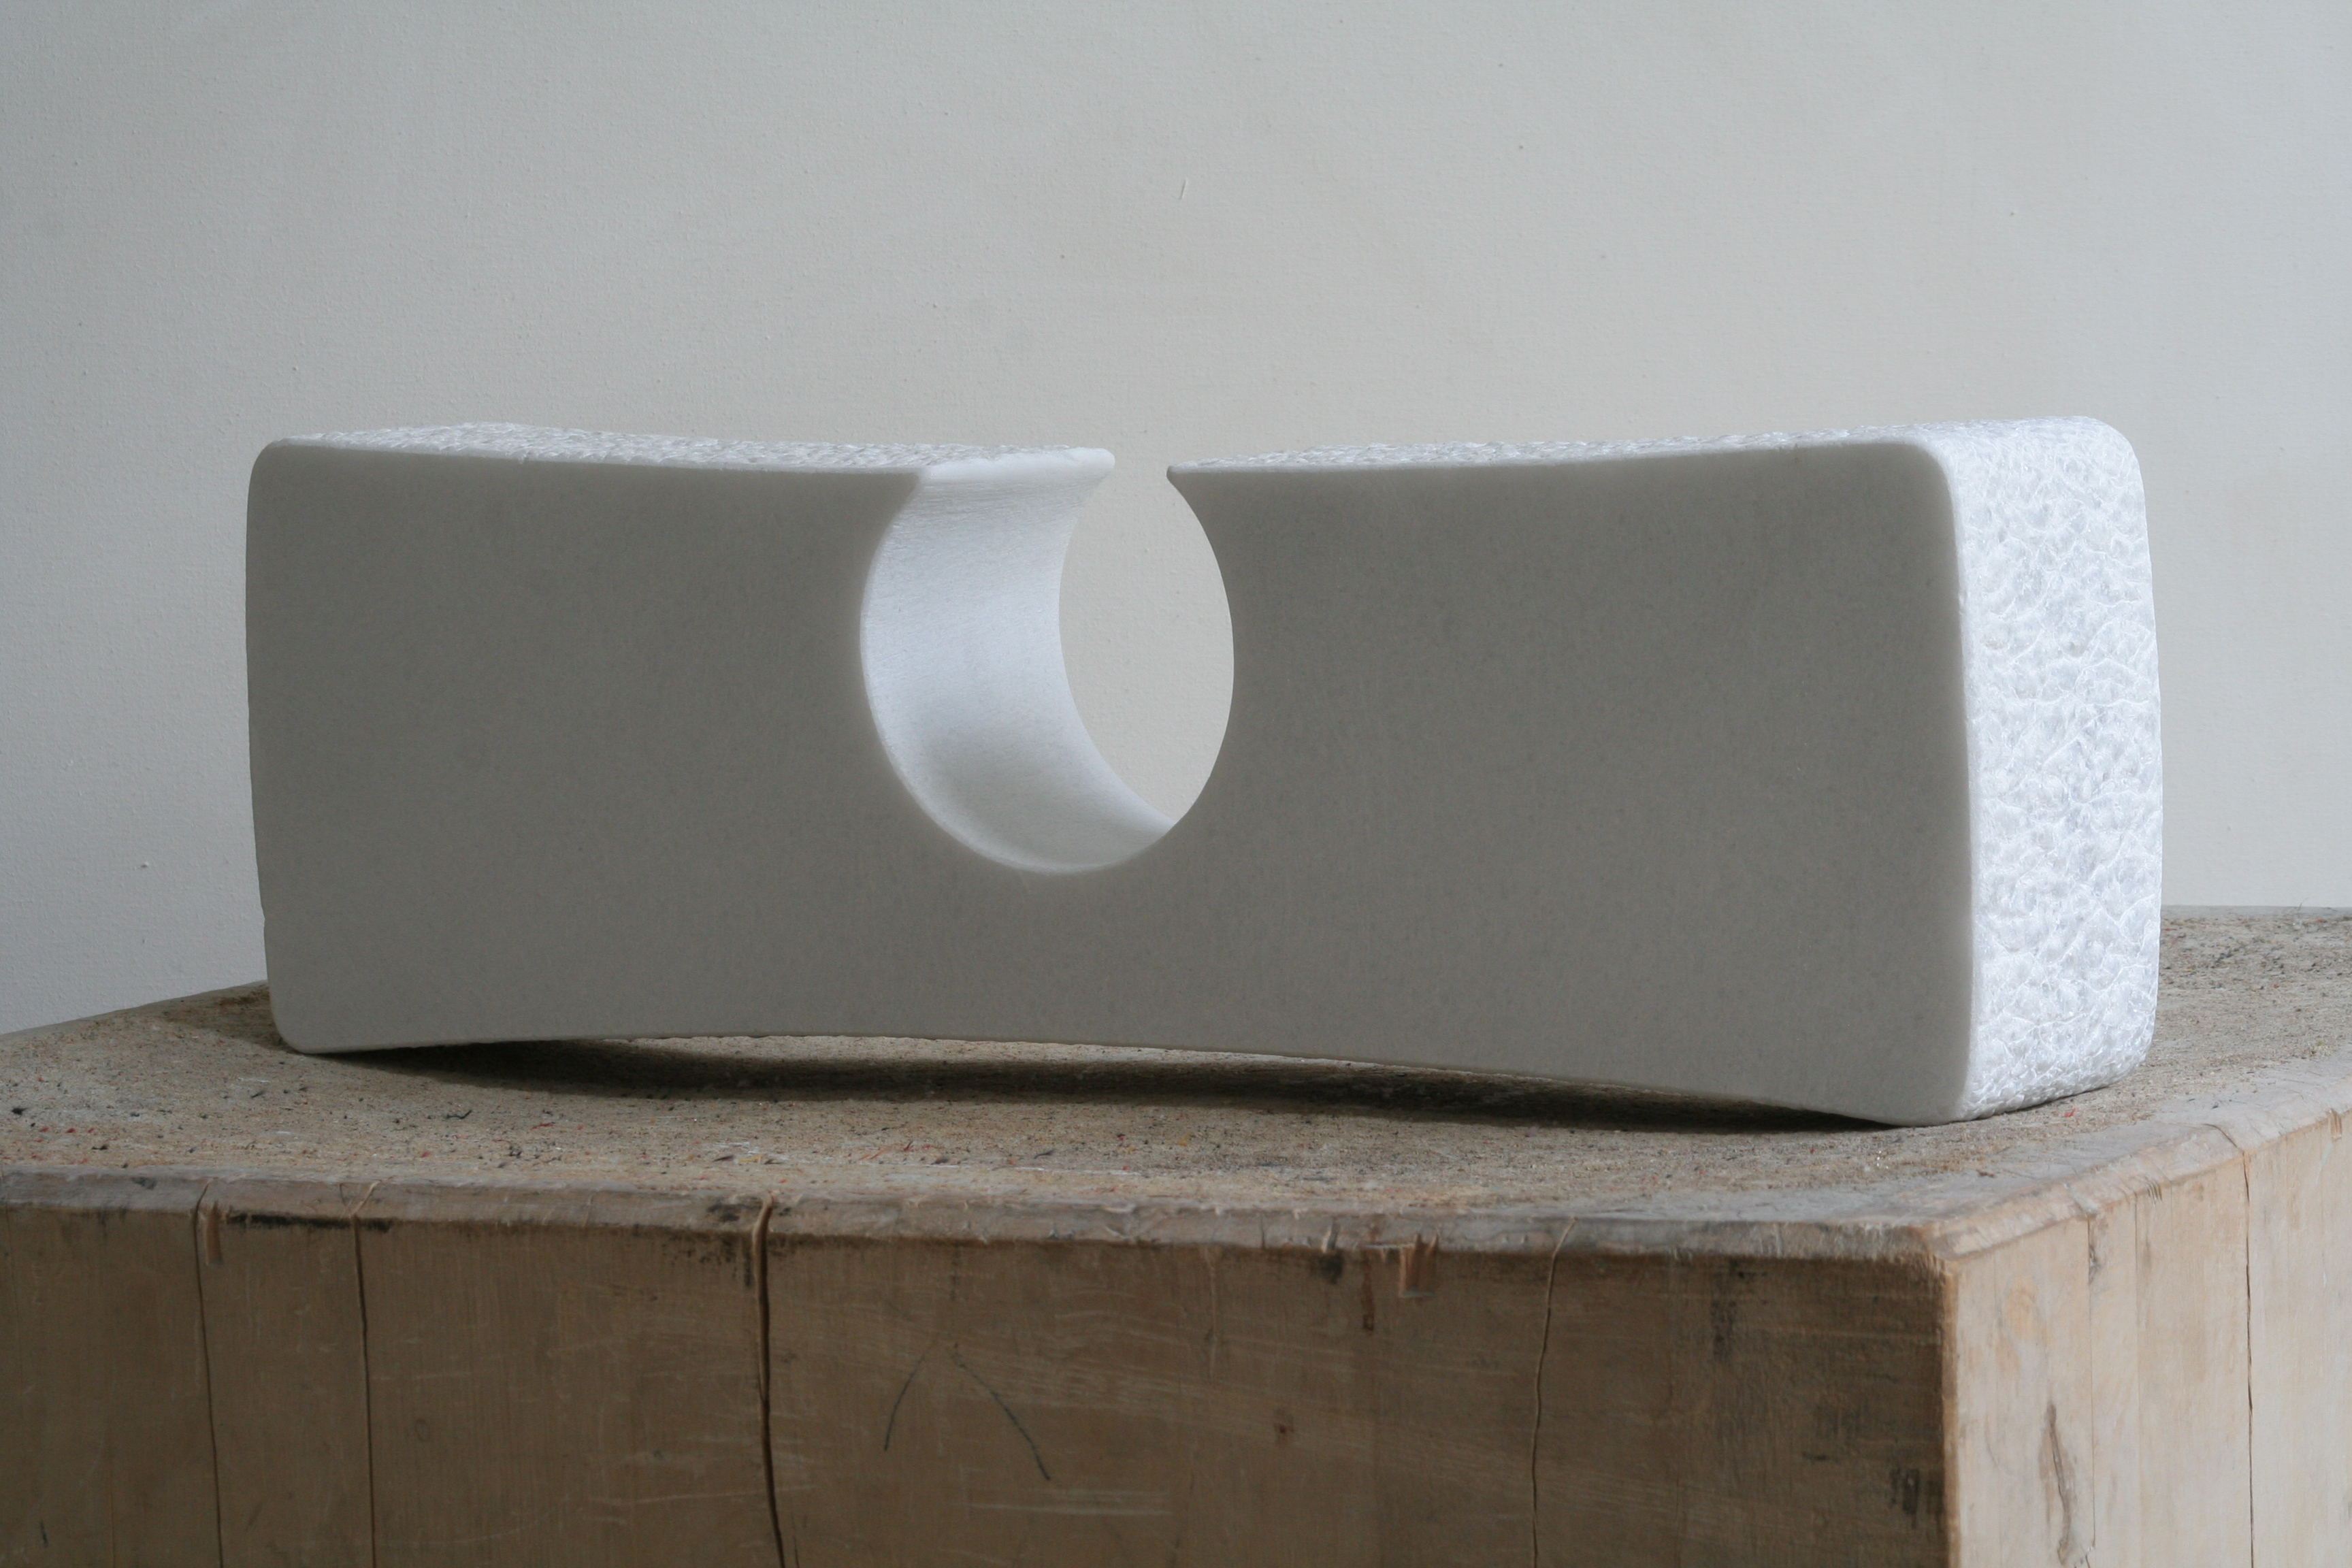 Regina Schnersch, Konzentration, 2005, Marmor, 48,5 x 8 x 15,5 cm